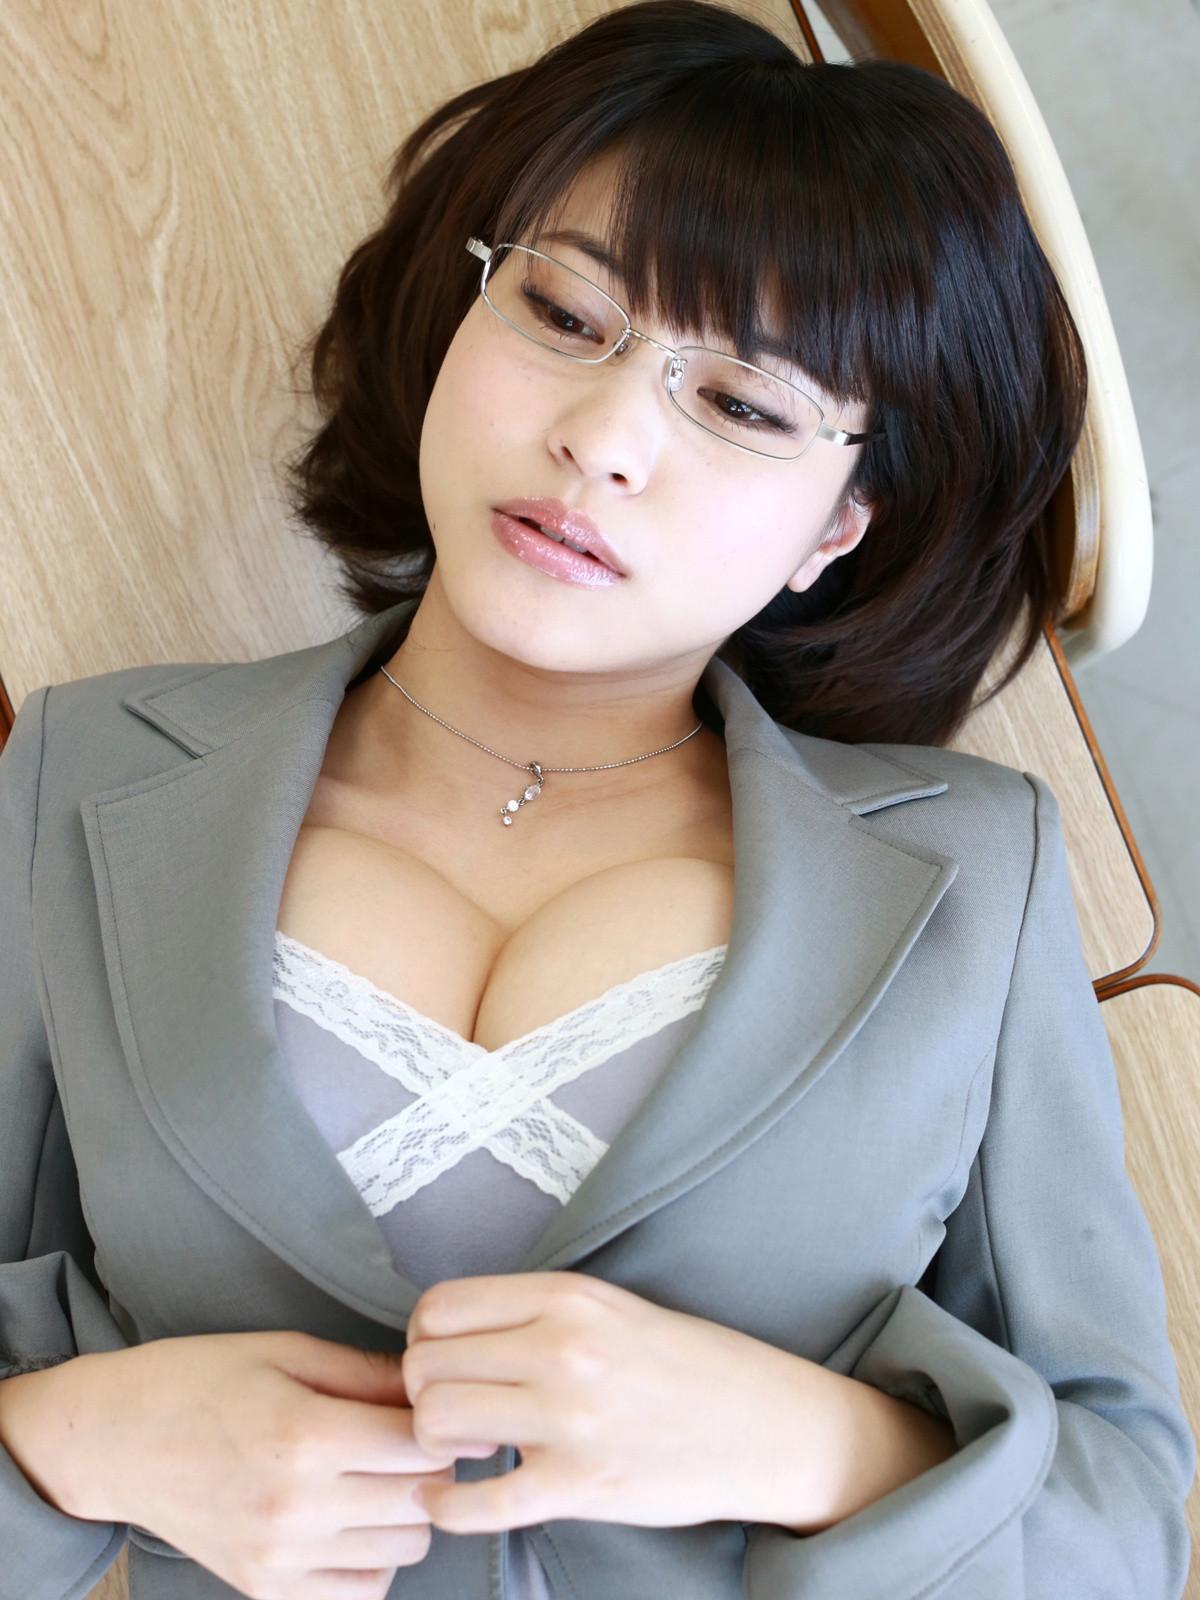 岸明日香 魅惑の女教師 グラビア 0025